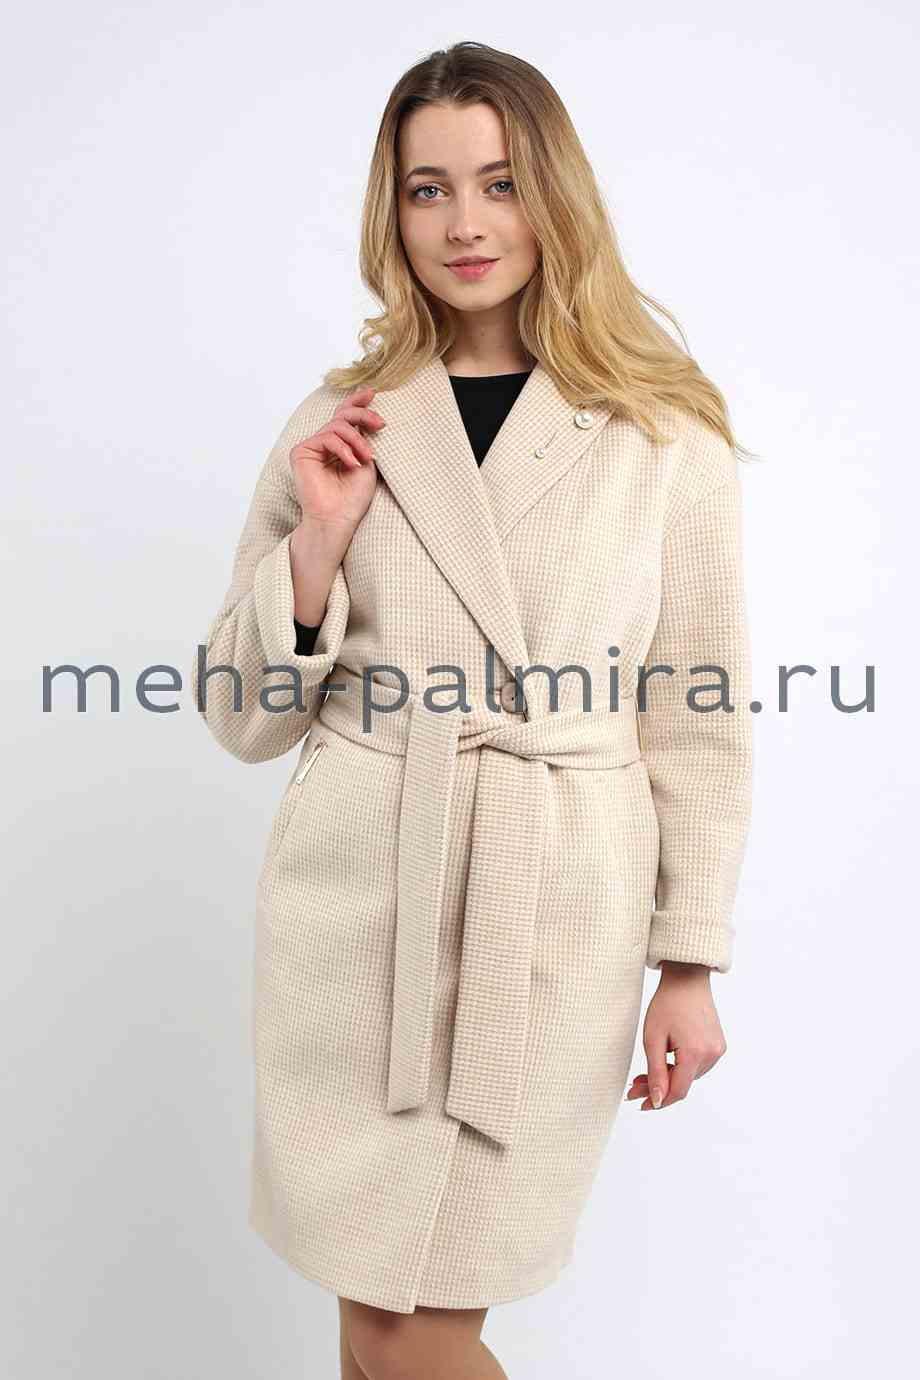 Женское пальто в кремовом цвете